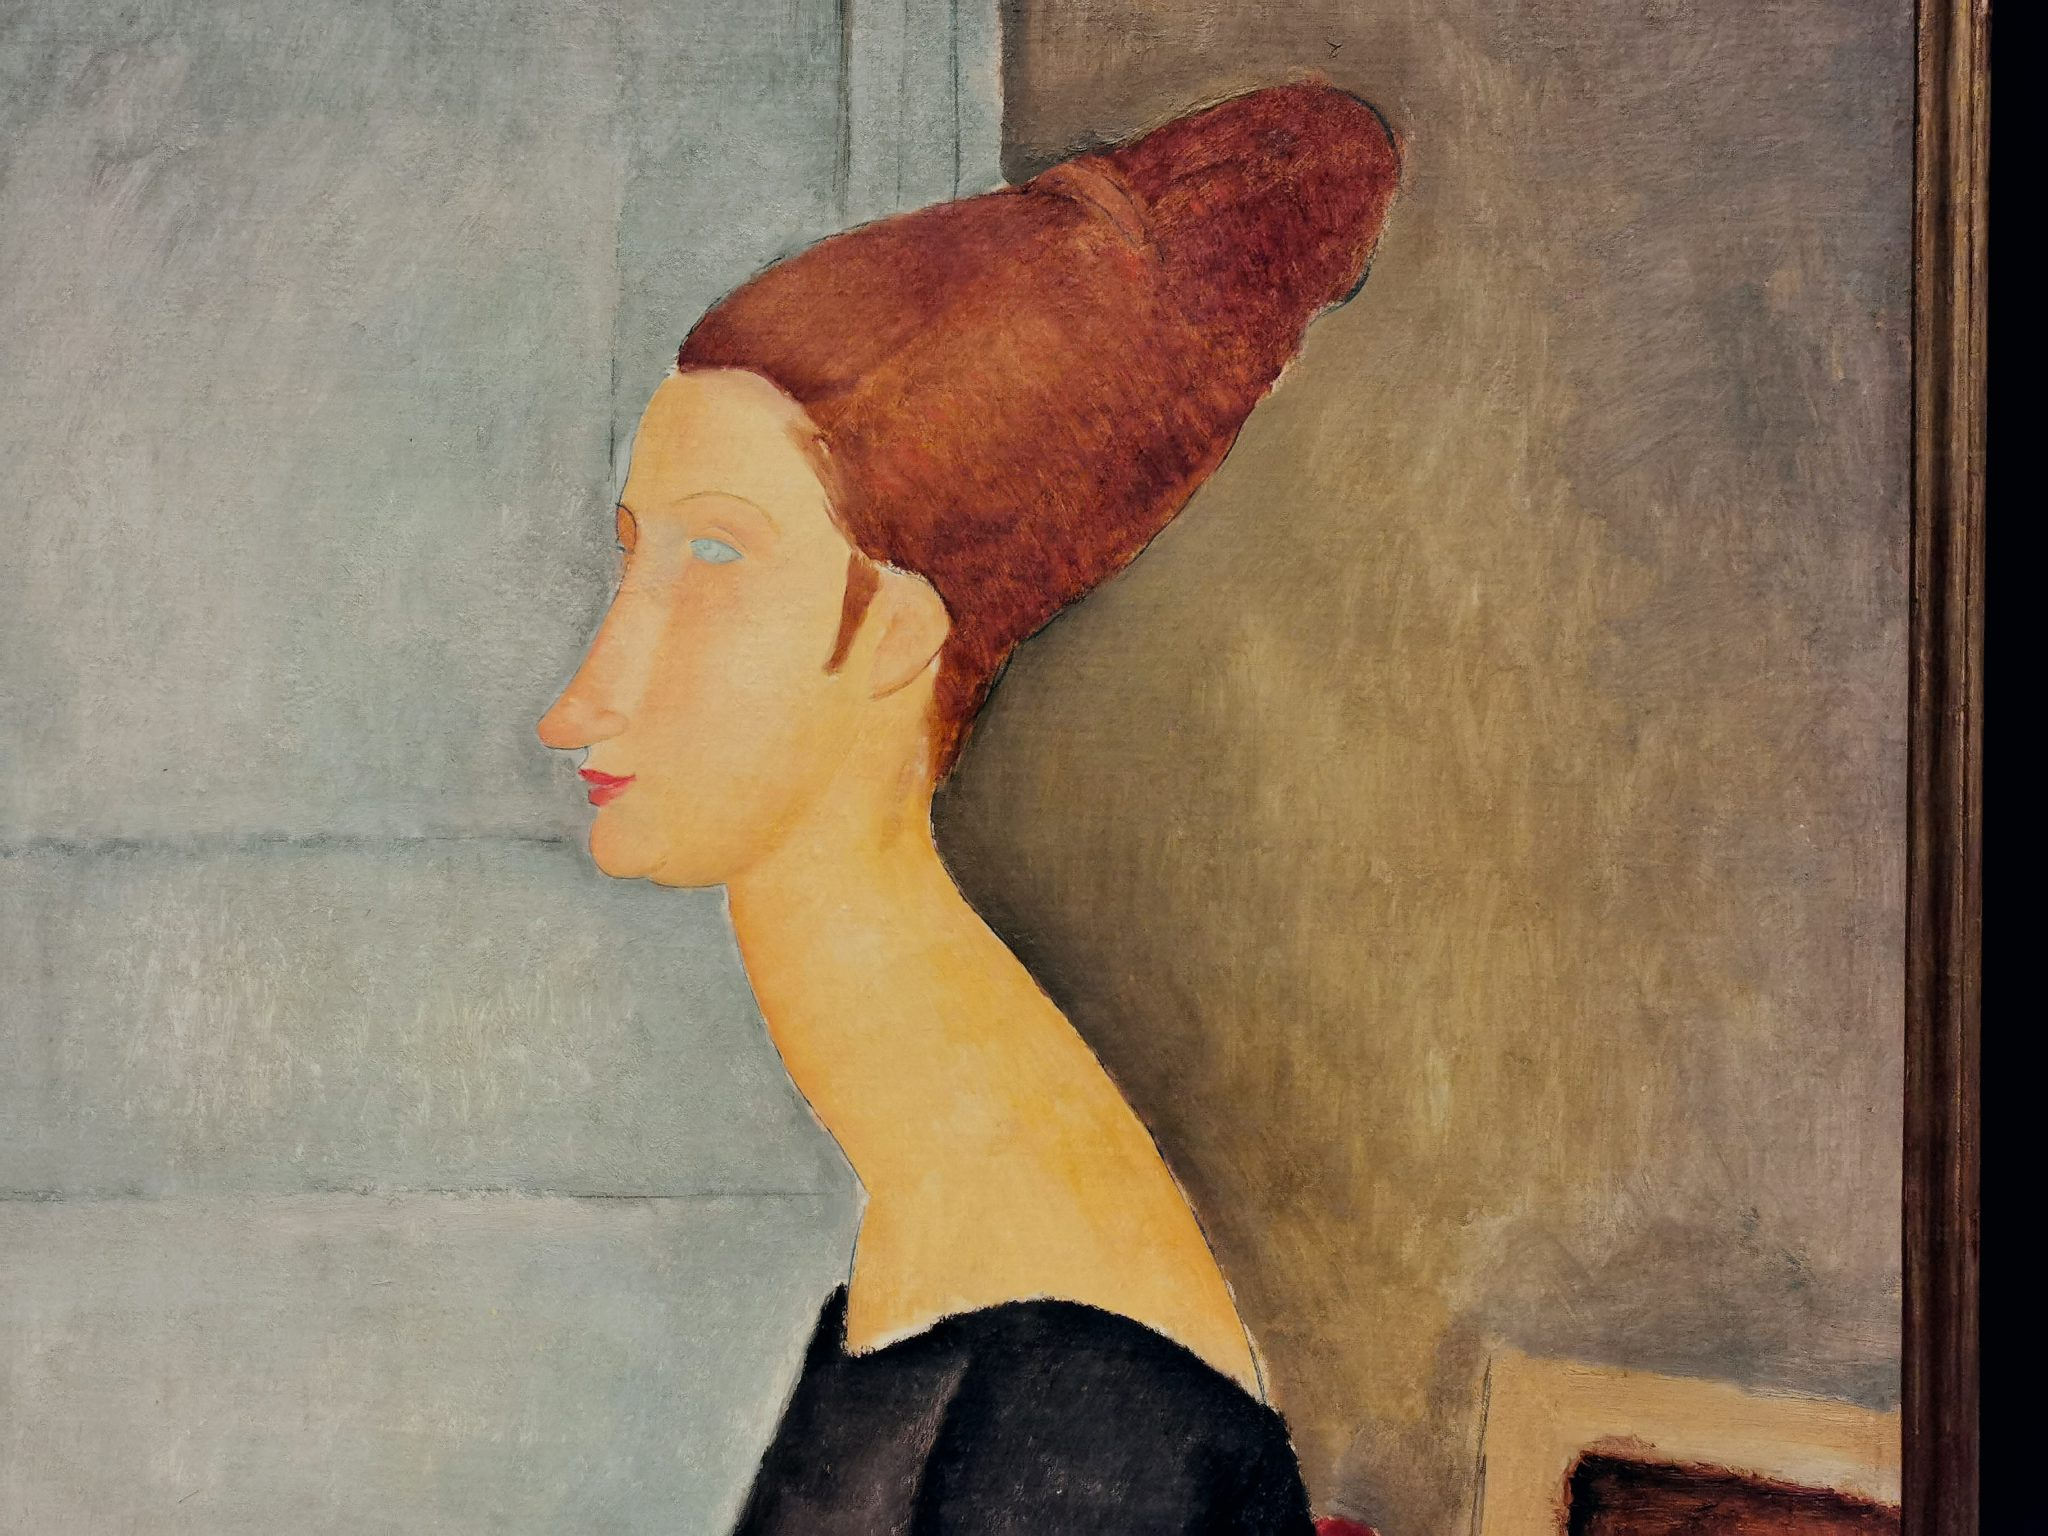 Particolare del dipinto Jeanne Hébuterne, esposto nella mostra per il centenario di Modigliani a Livorno